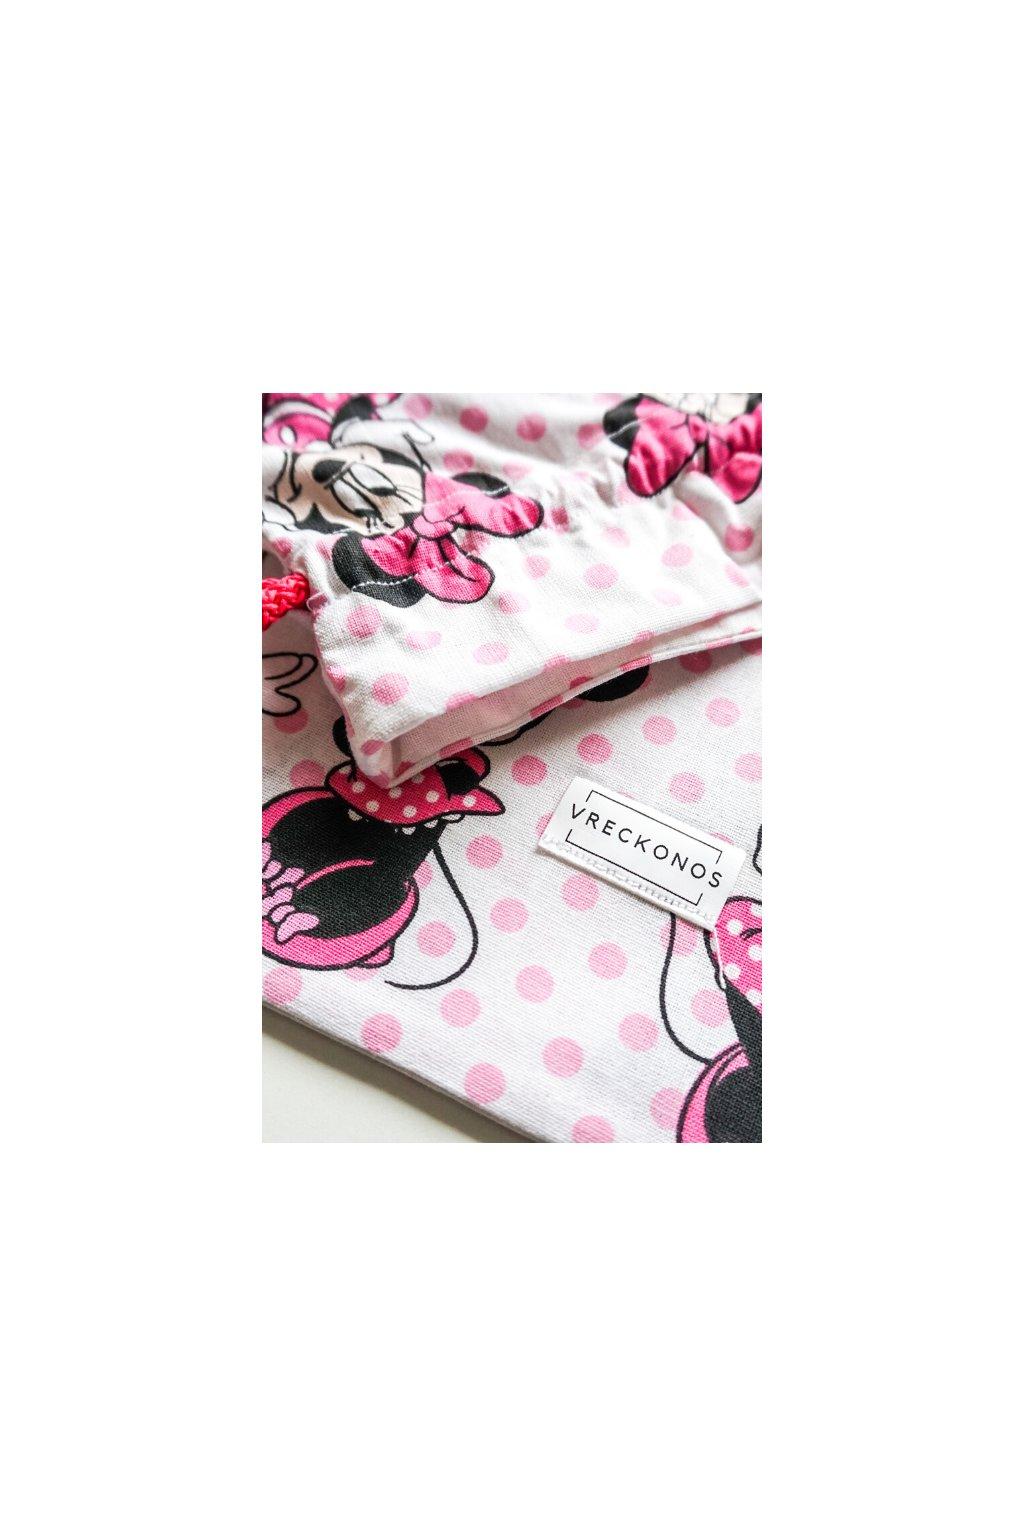 Minnie Mouse - látkové bavlnené vrecko na ovocie, zeleninu, pečivo, kozmetiku či papučky - Vreckonos